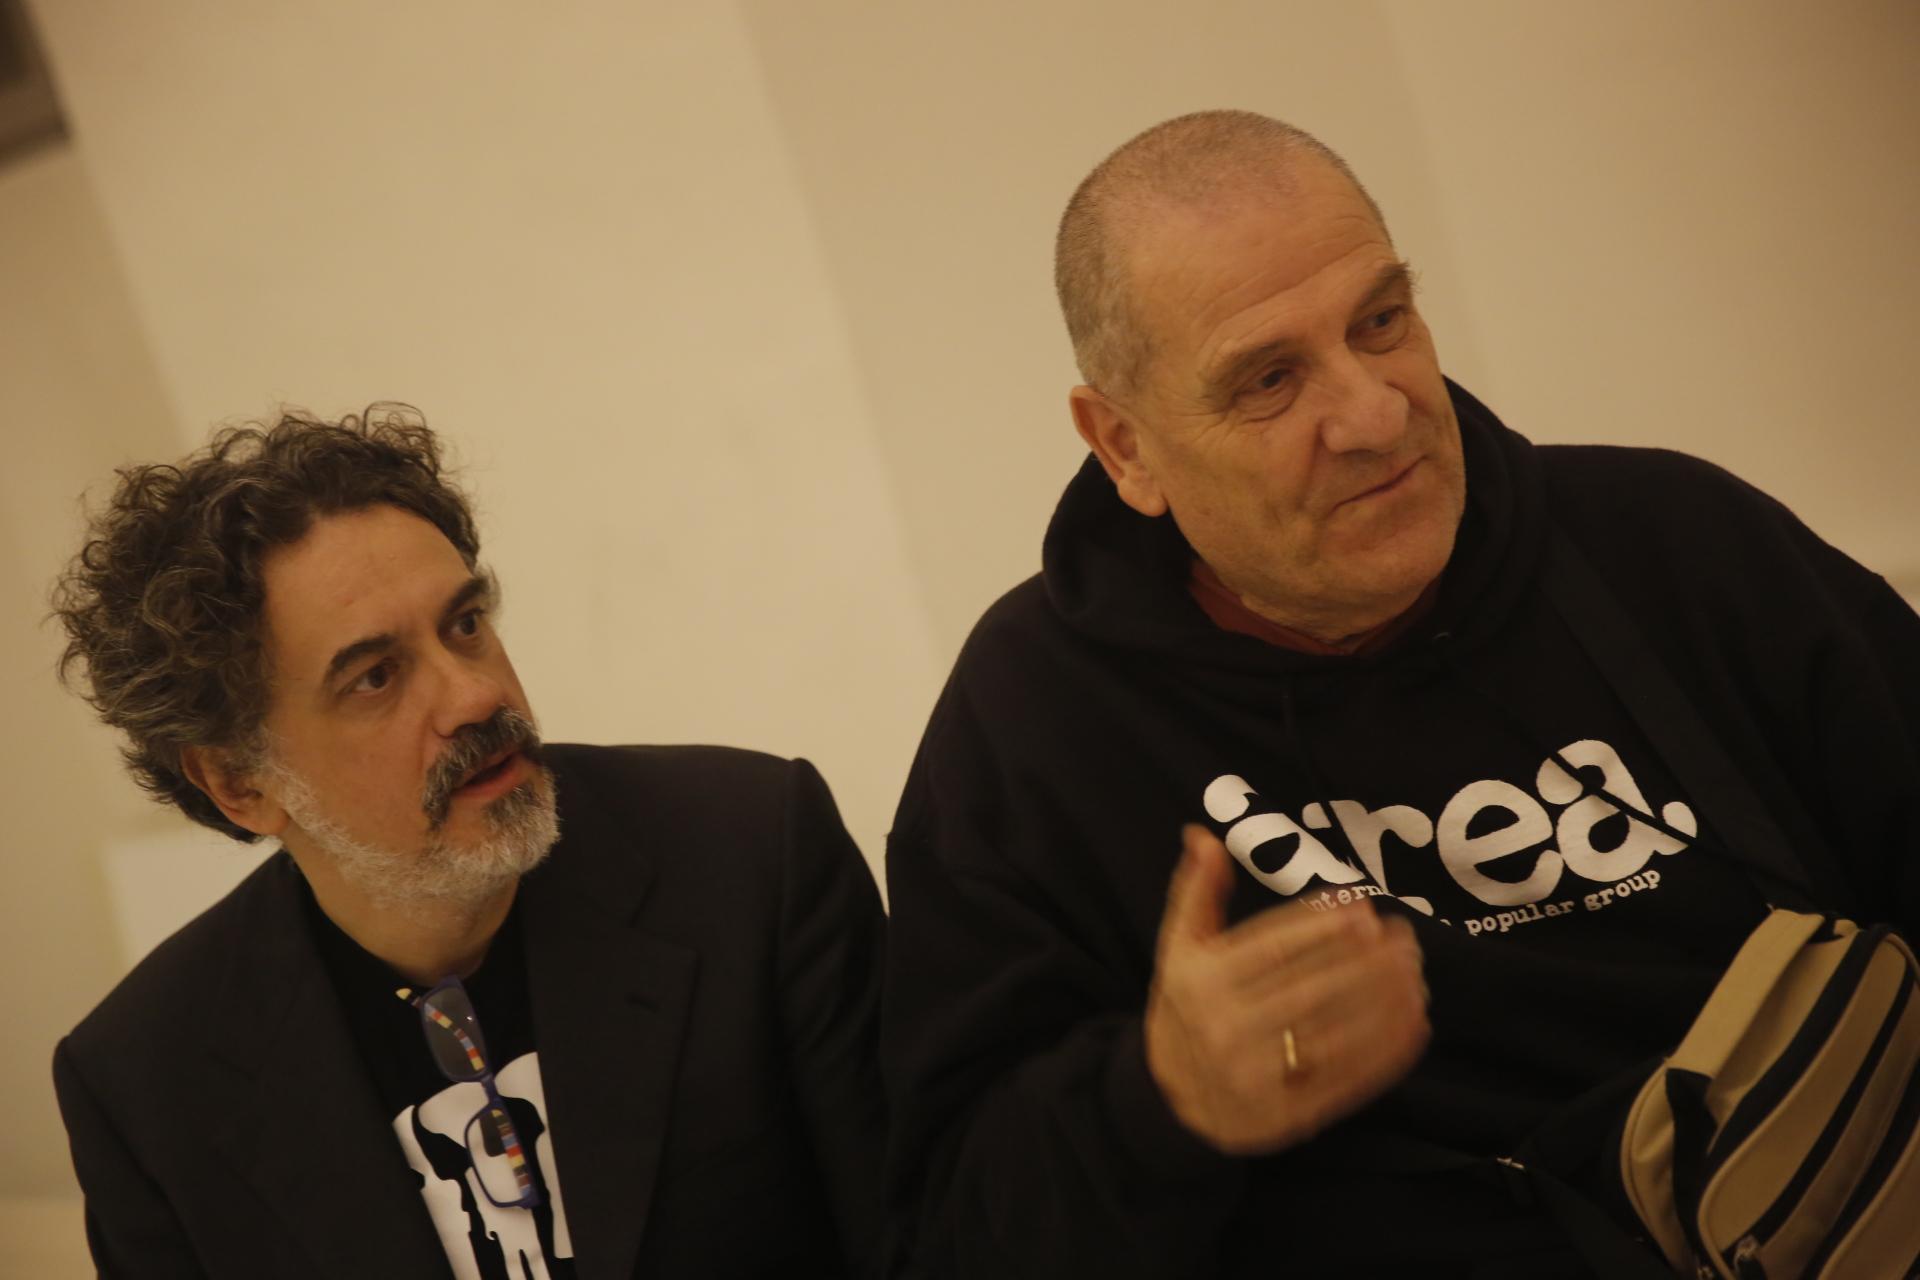 Max Marchini & Paolo Tofani